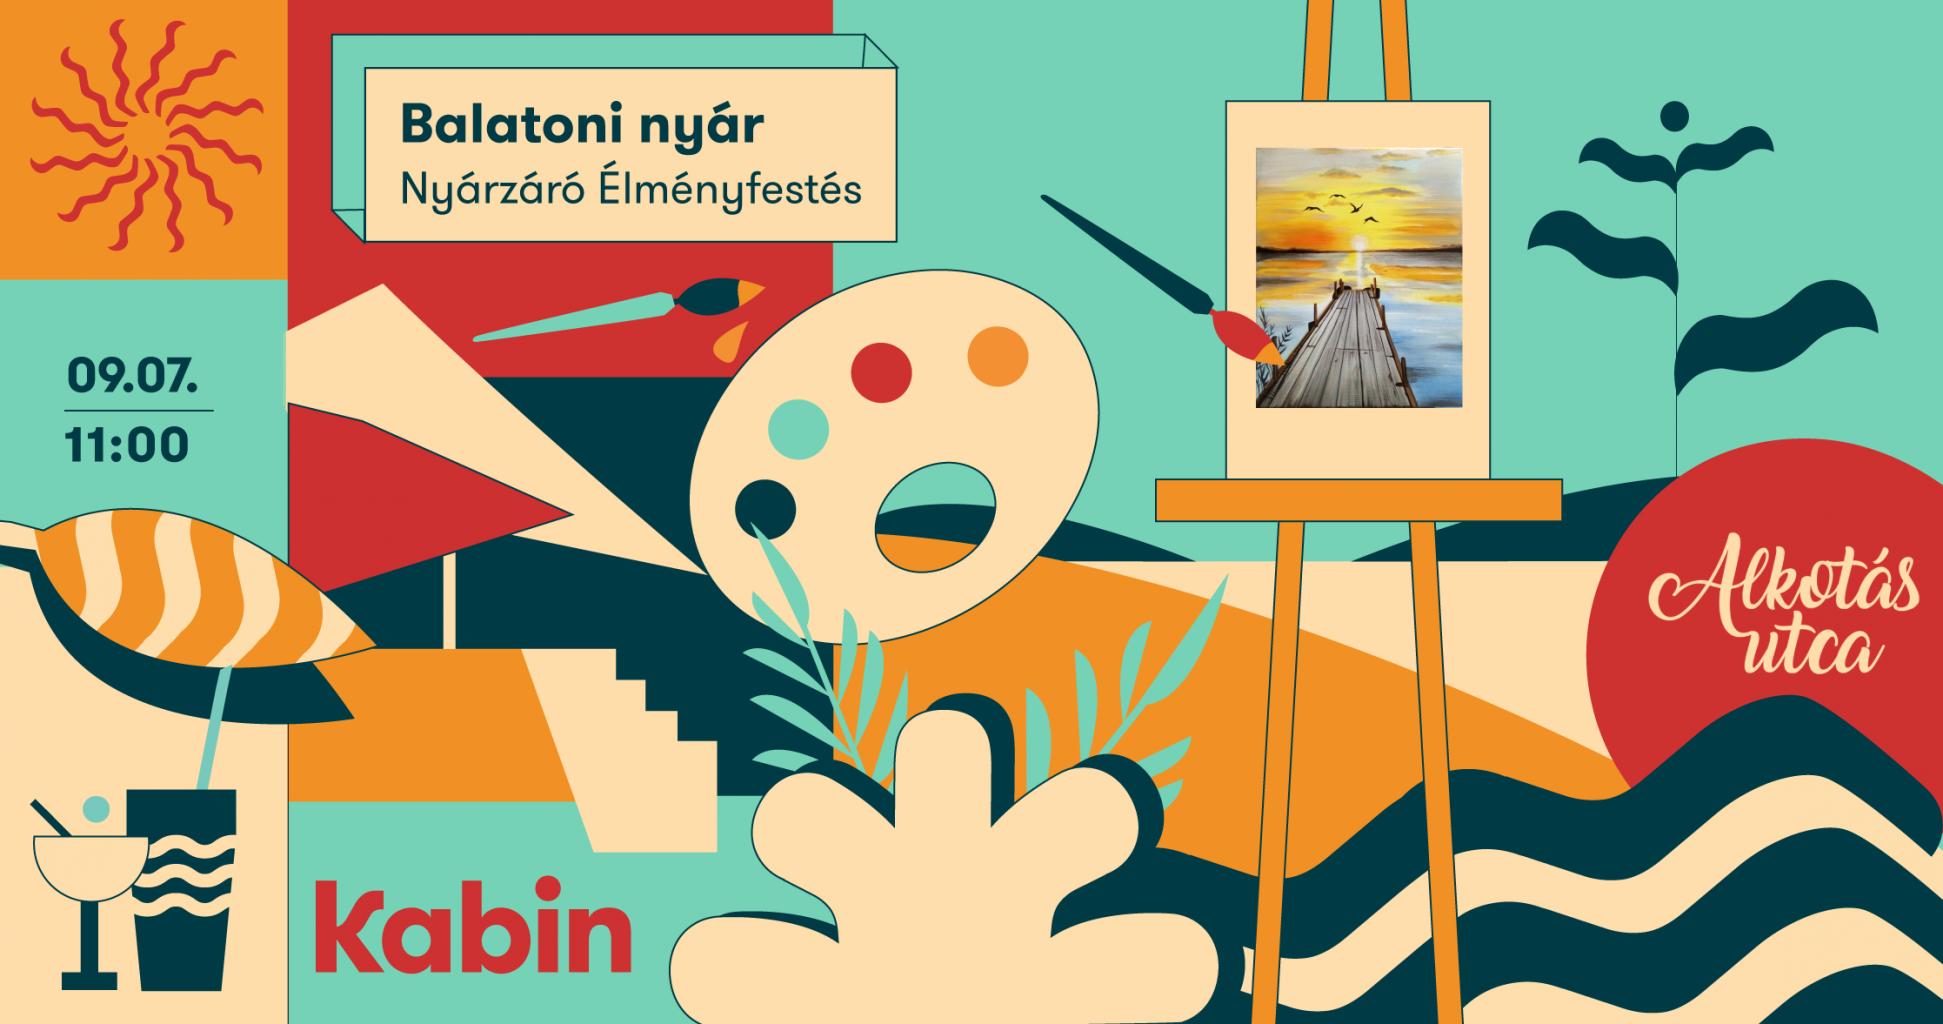 Nyárzáró élményfestés a Kabinban